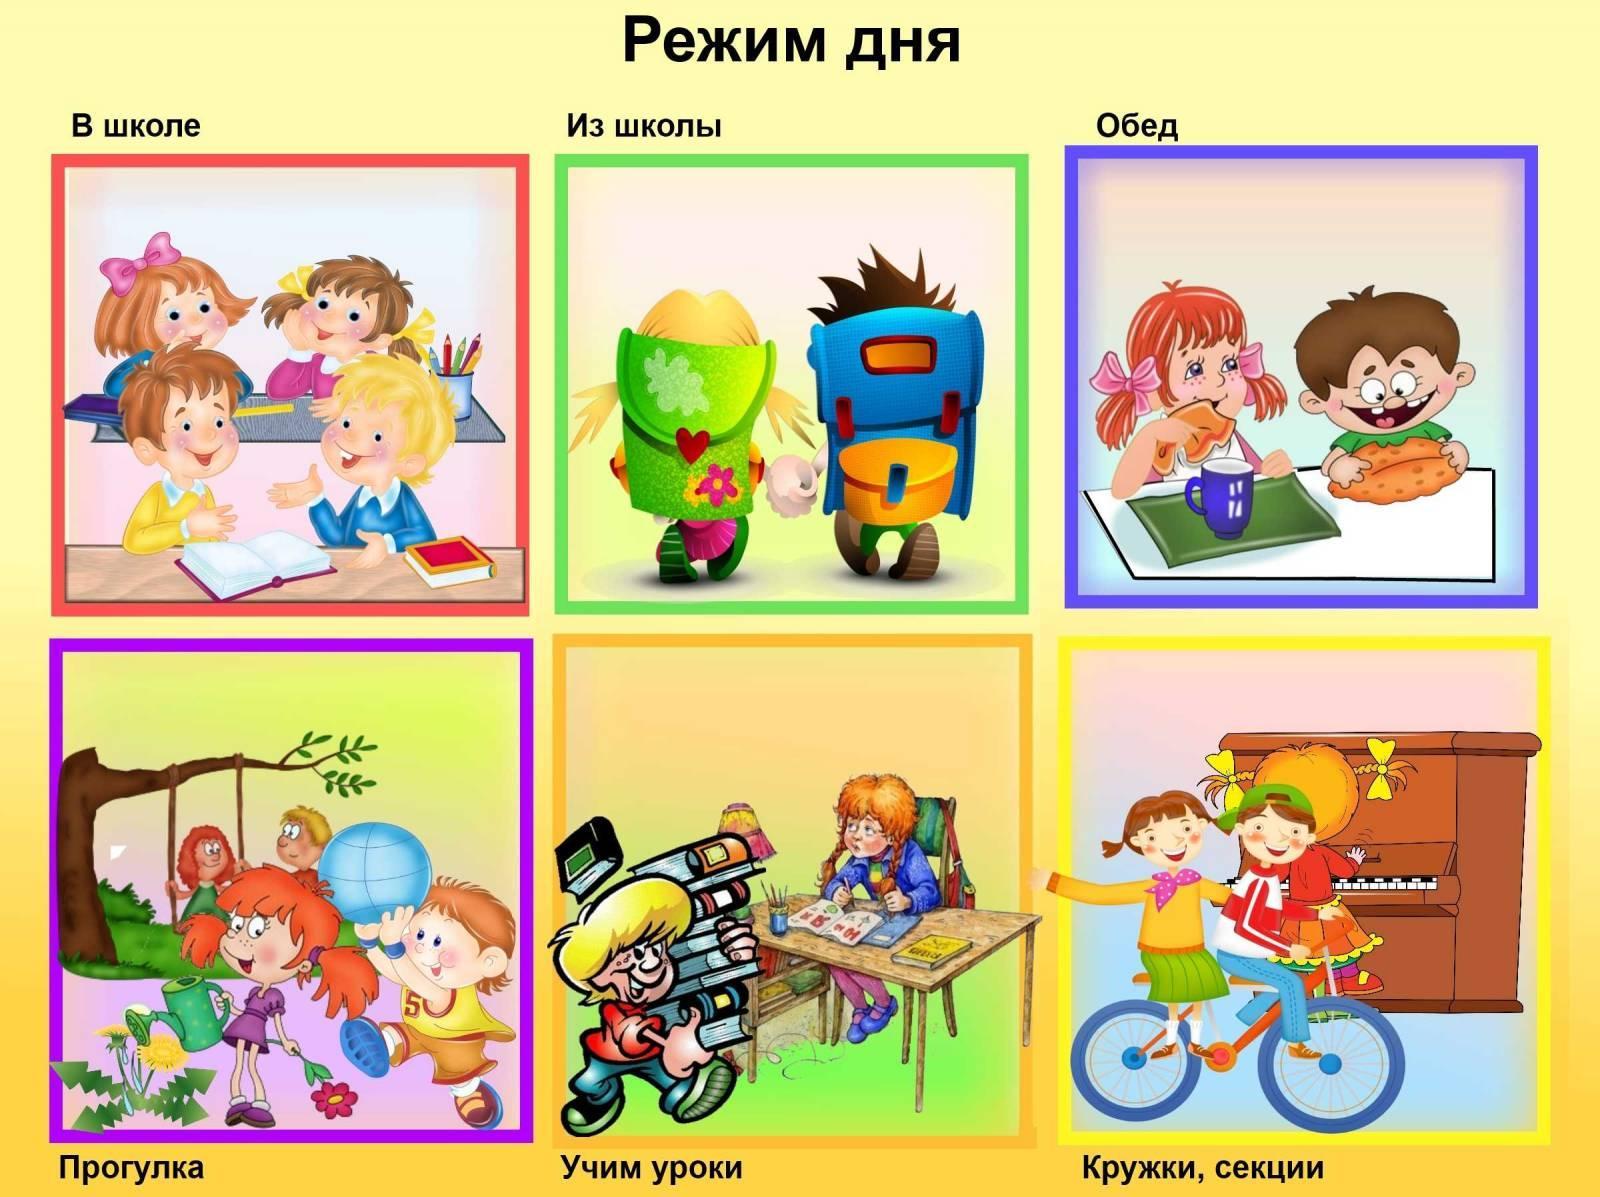 Картинки о режиме дня школьниками